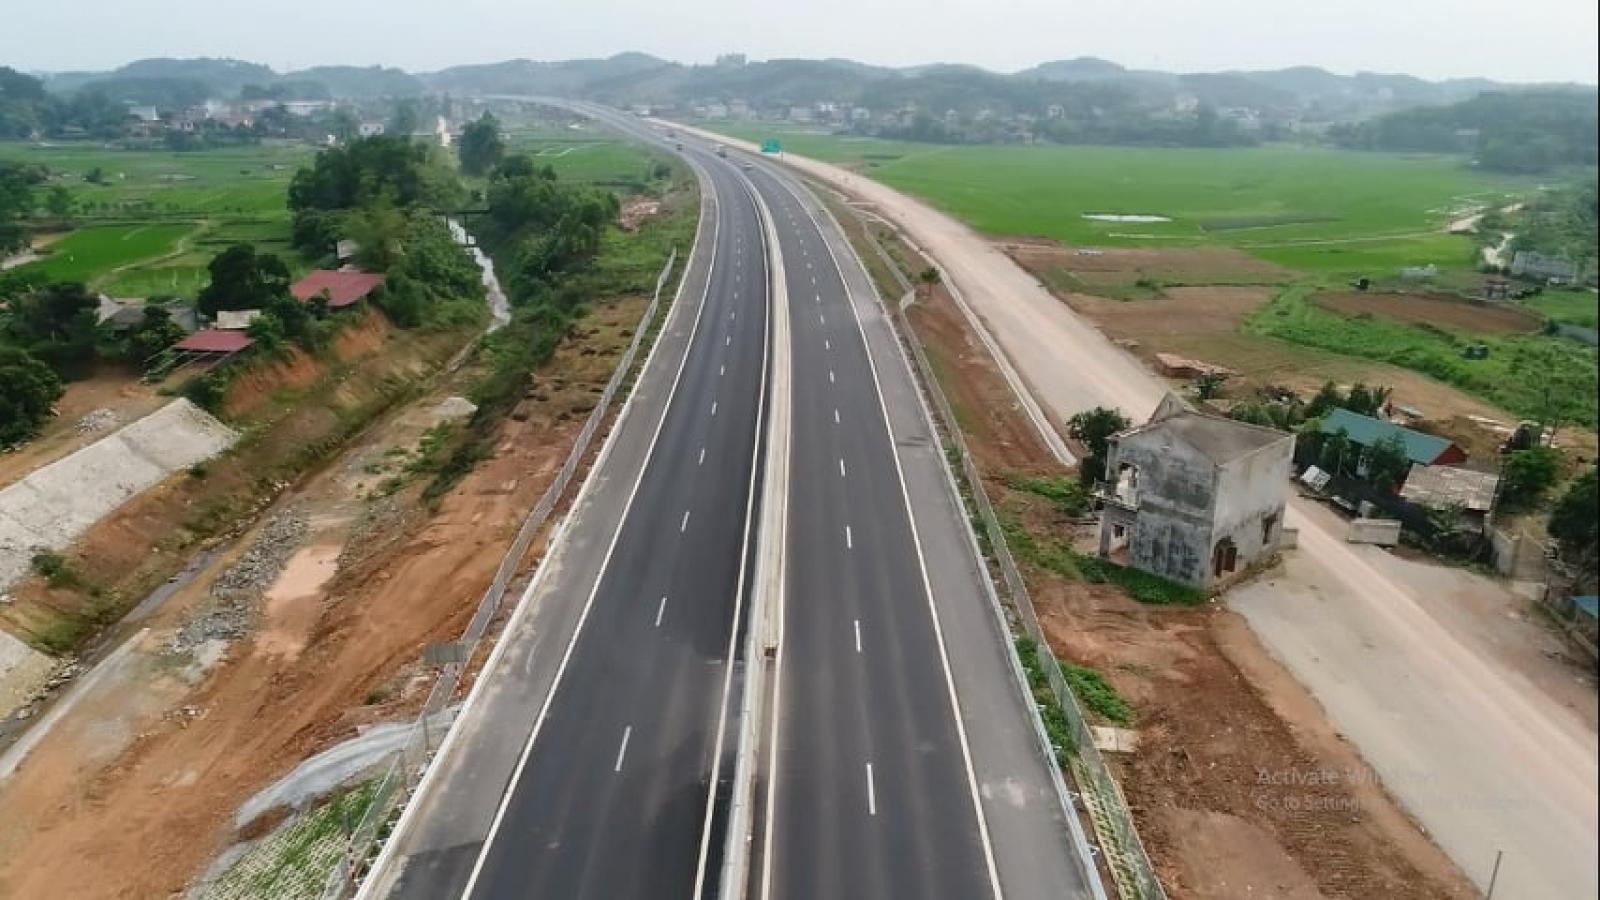 Vướng 2 hộ dân, đường gom cao tốc Bắc Giang - Lạng Sơn vẫn dang dở